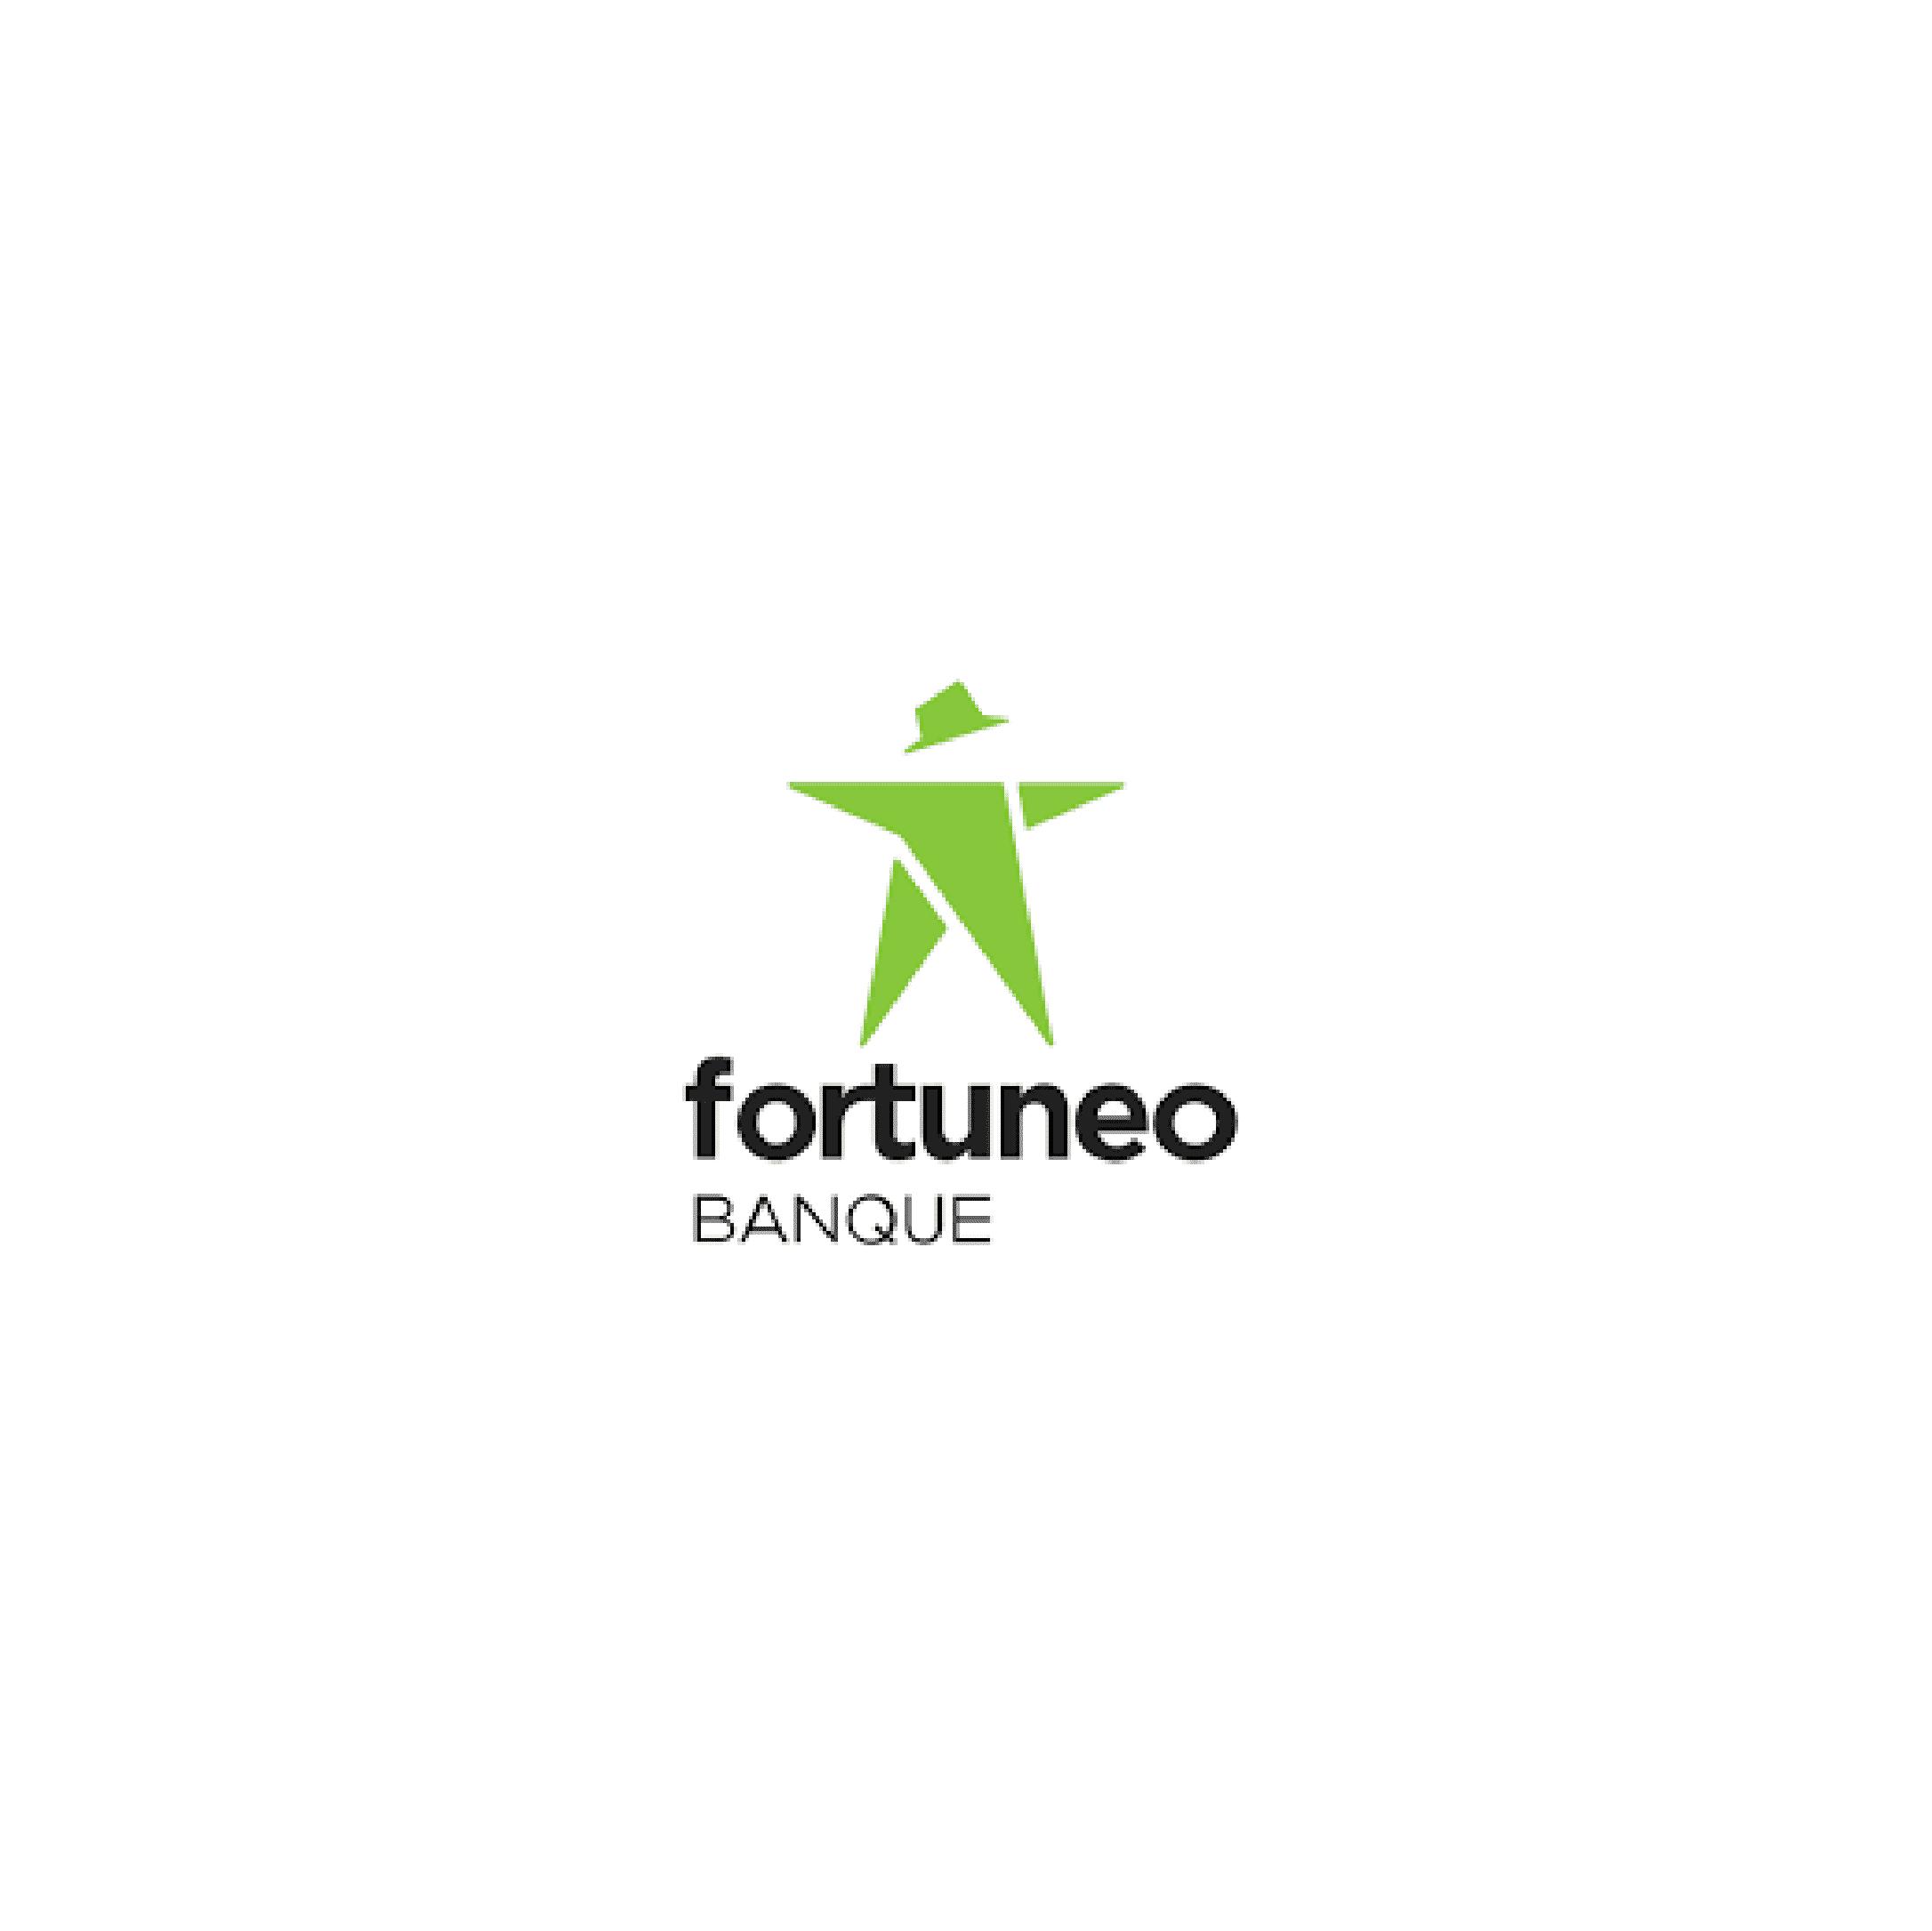 DialOnce-Assurance-Fortuneo-logo-Assurance